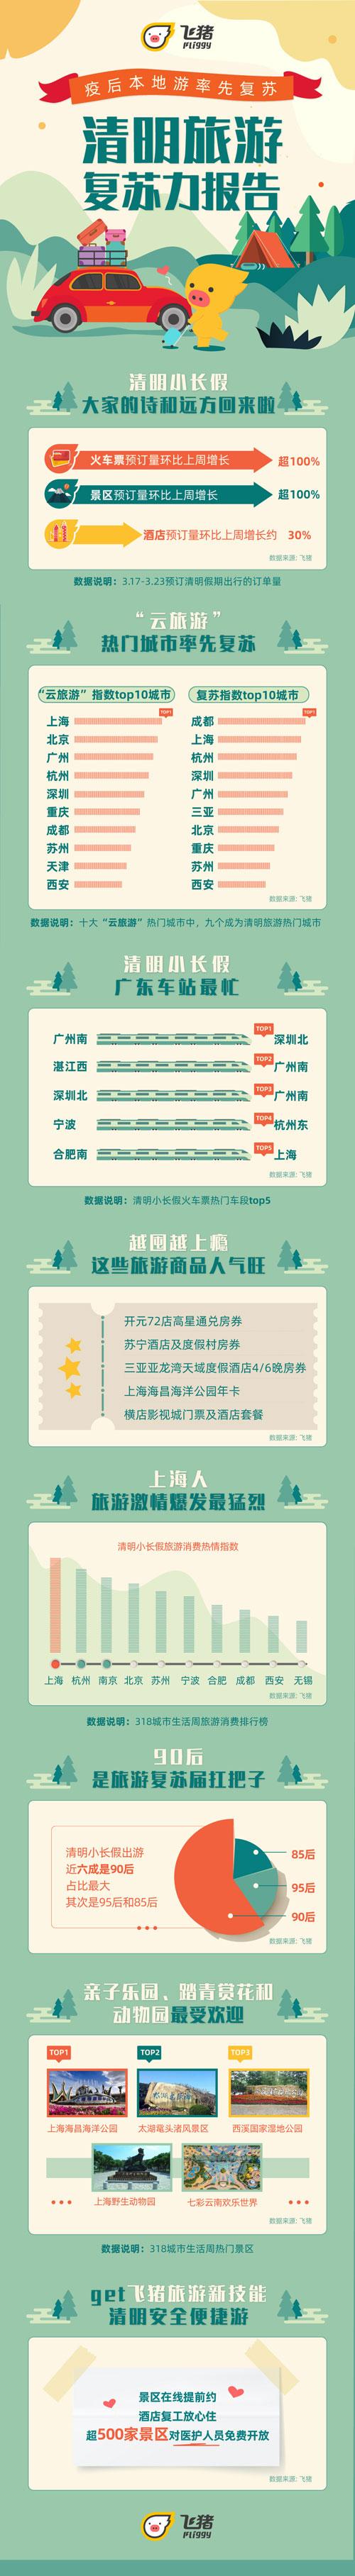 """飞猪清明旅游复苏力:""""云旅游""""热门城市九成回暖"""